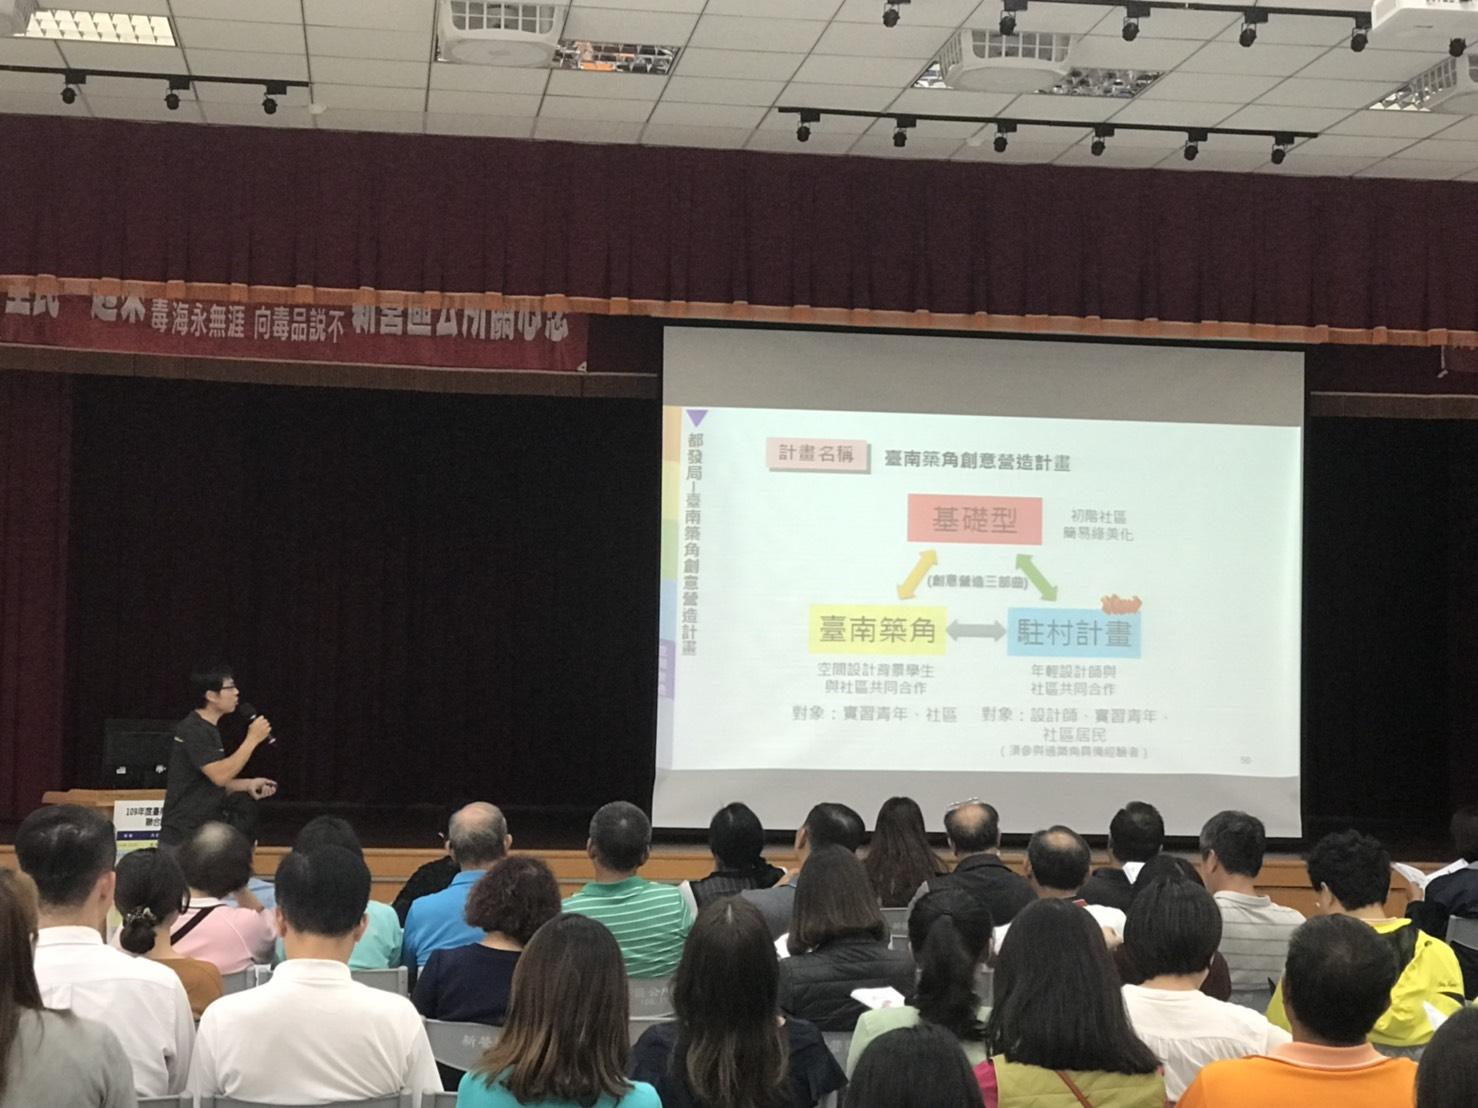 臺南築角創意營造計畫案執行流程說明